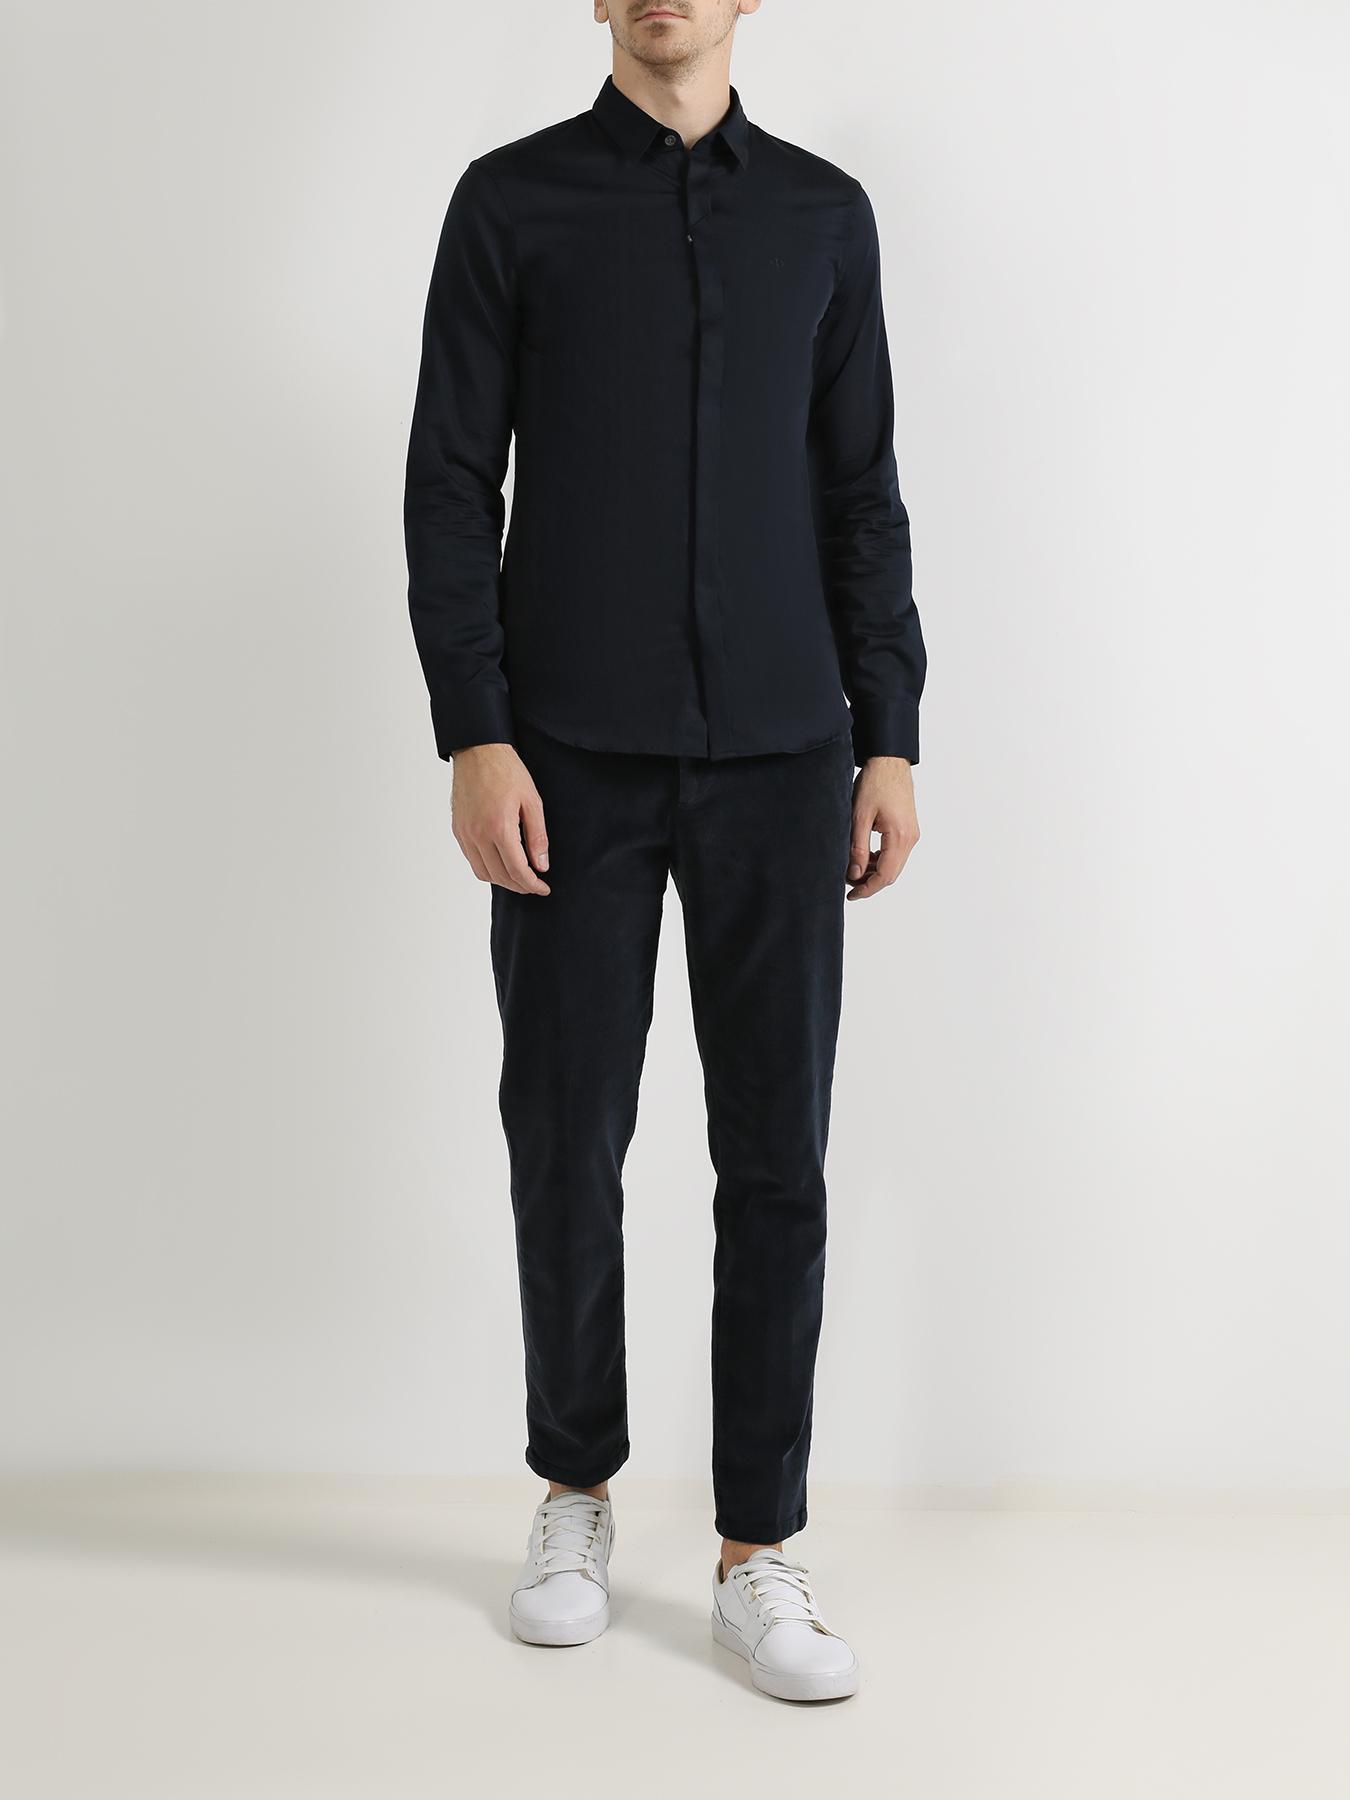 цена Брюки Armani Exchange Мужские брюки онлайн в 2017 году